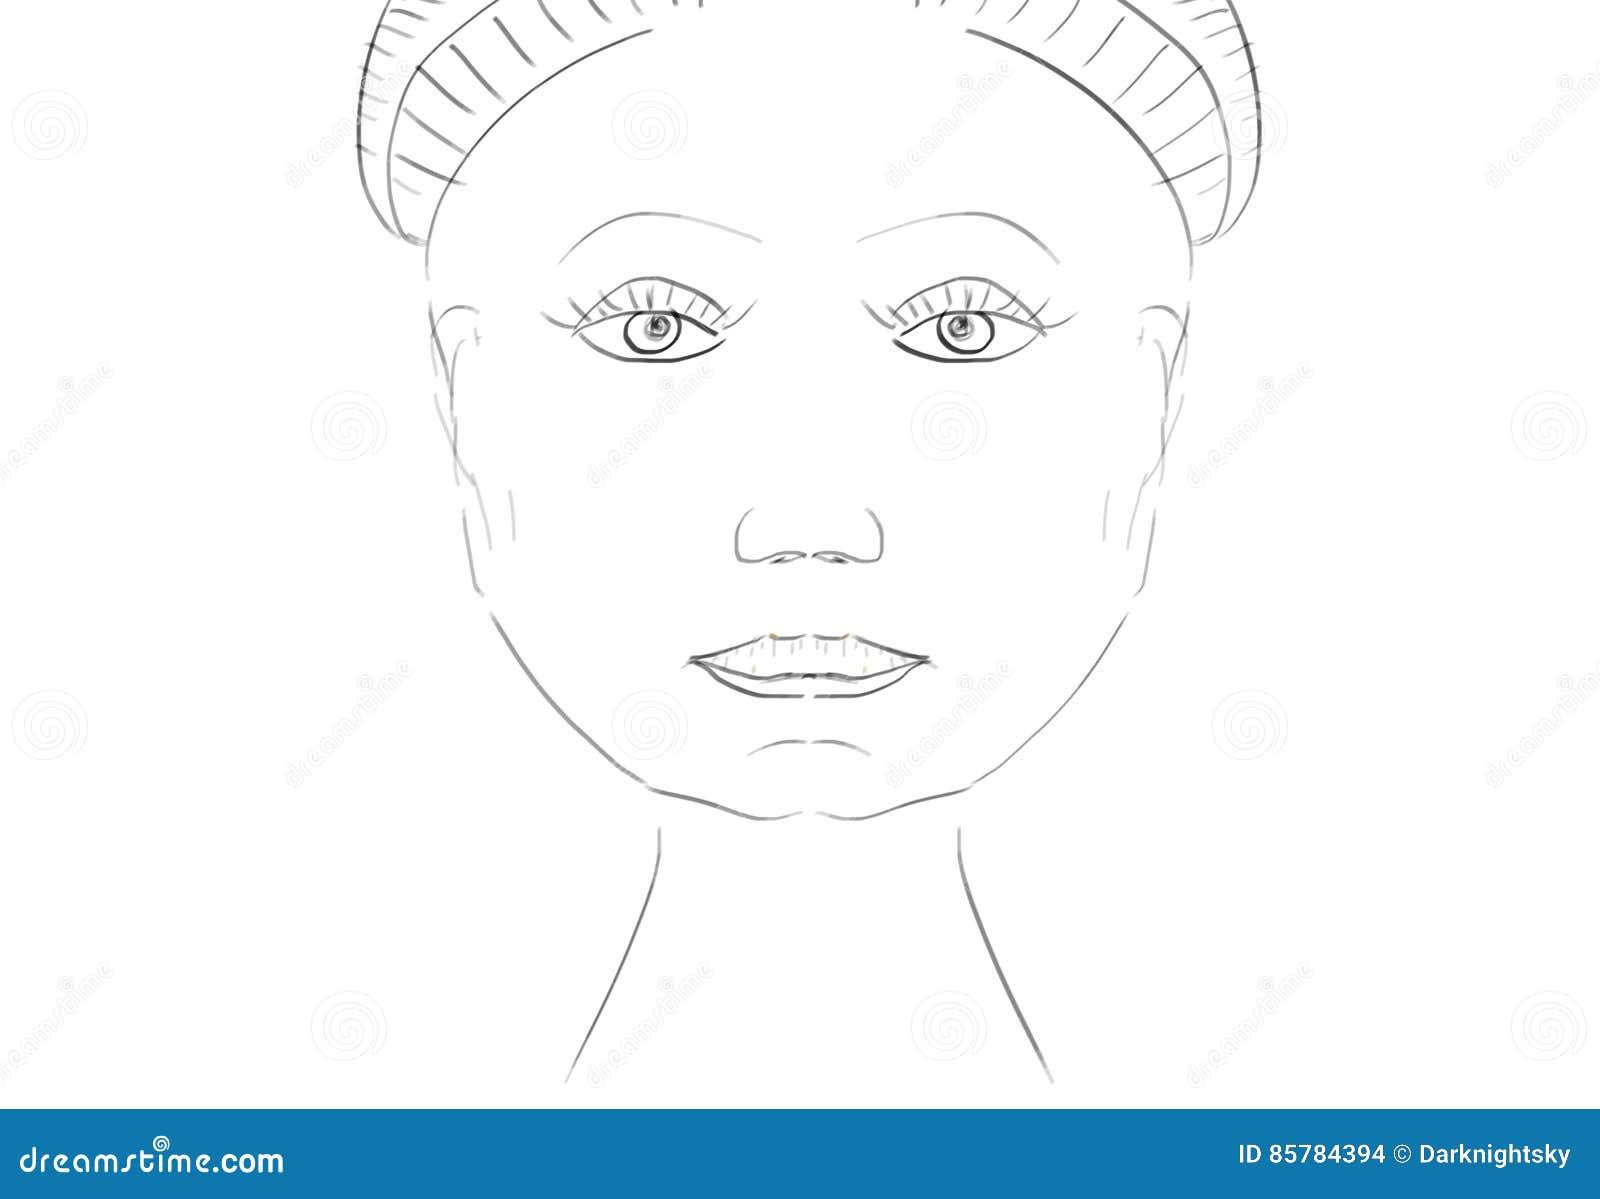 Symmetric Face